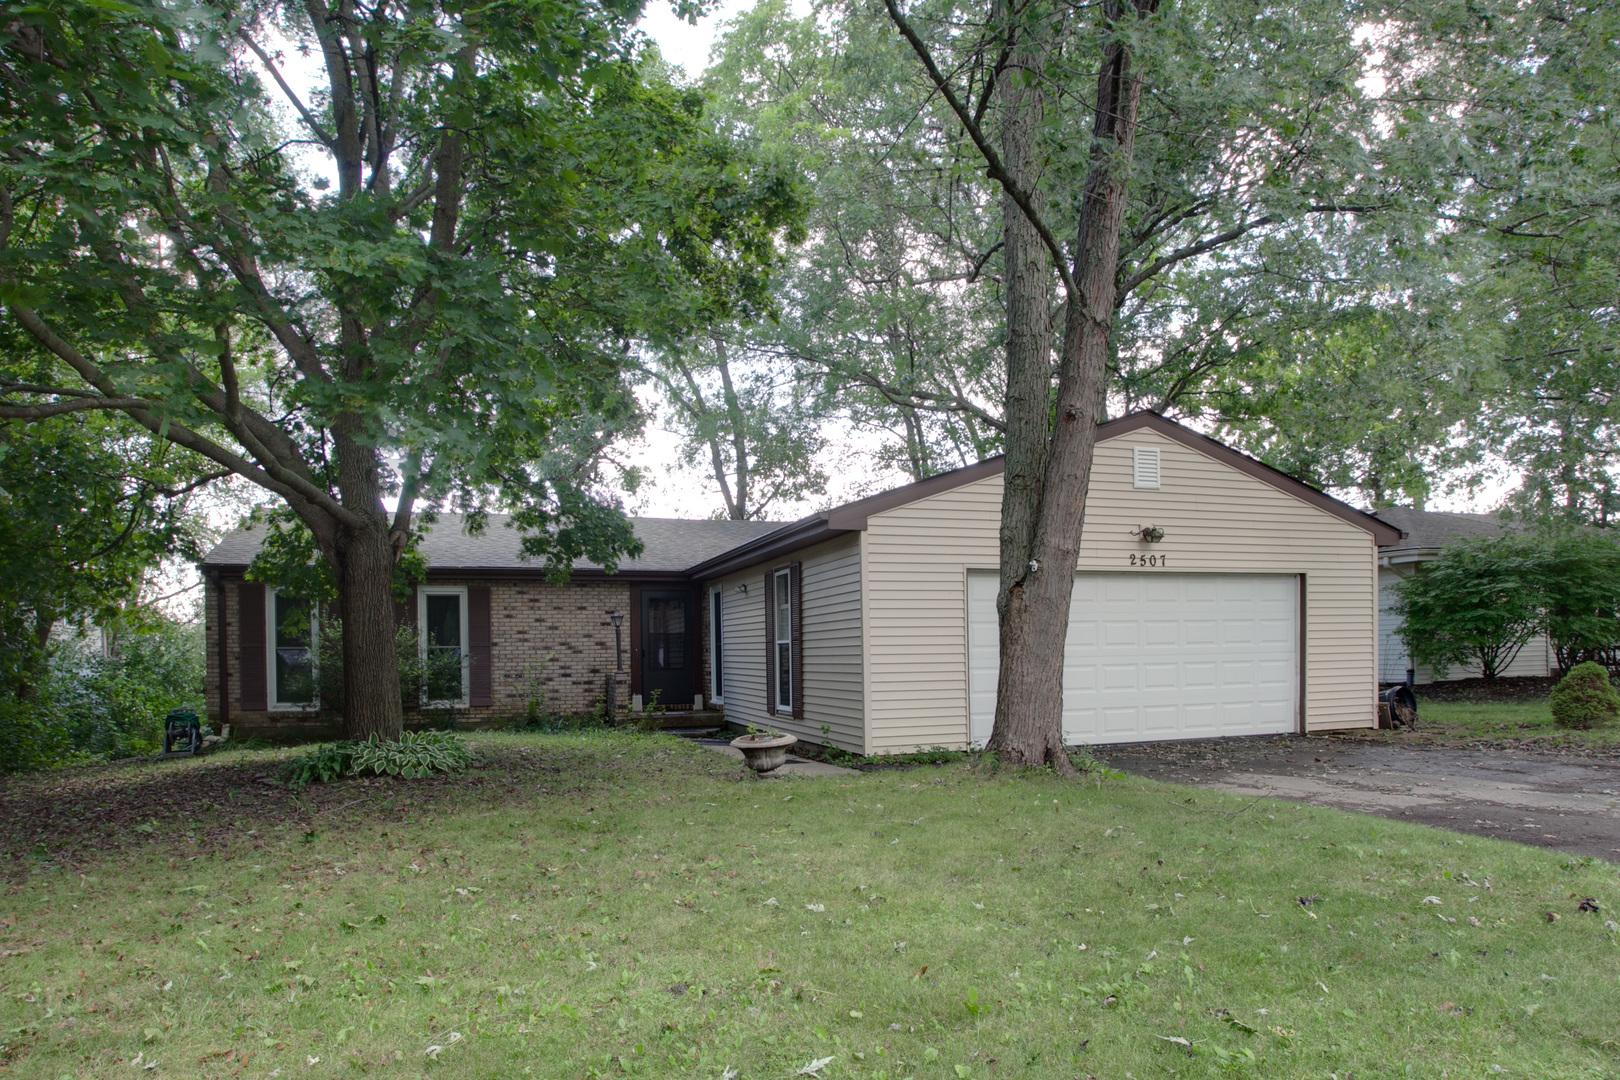 2507 East Thornwood Drive, Lindenhurst, Illinois 60046